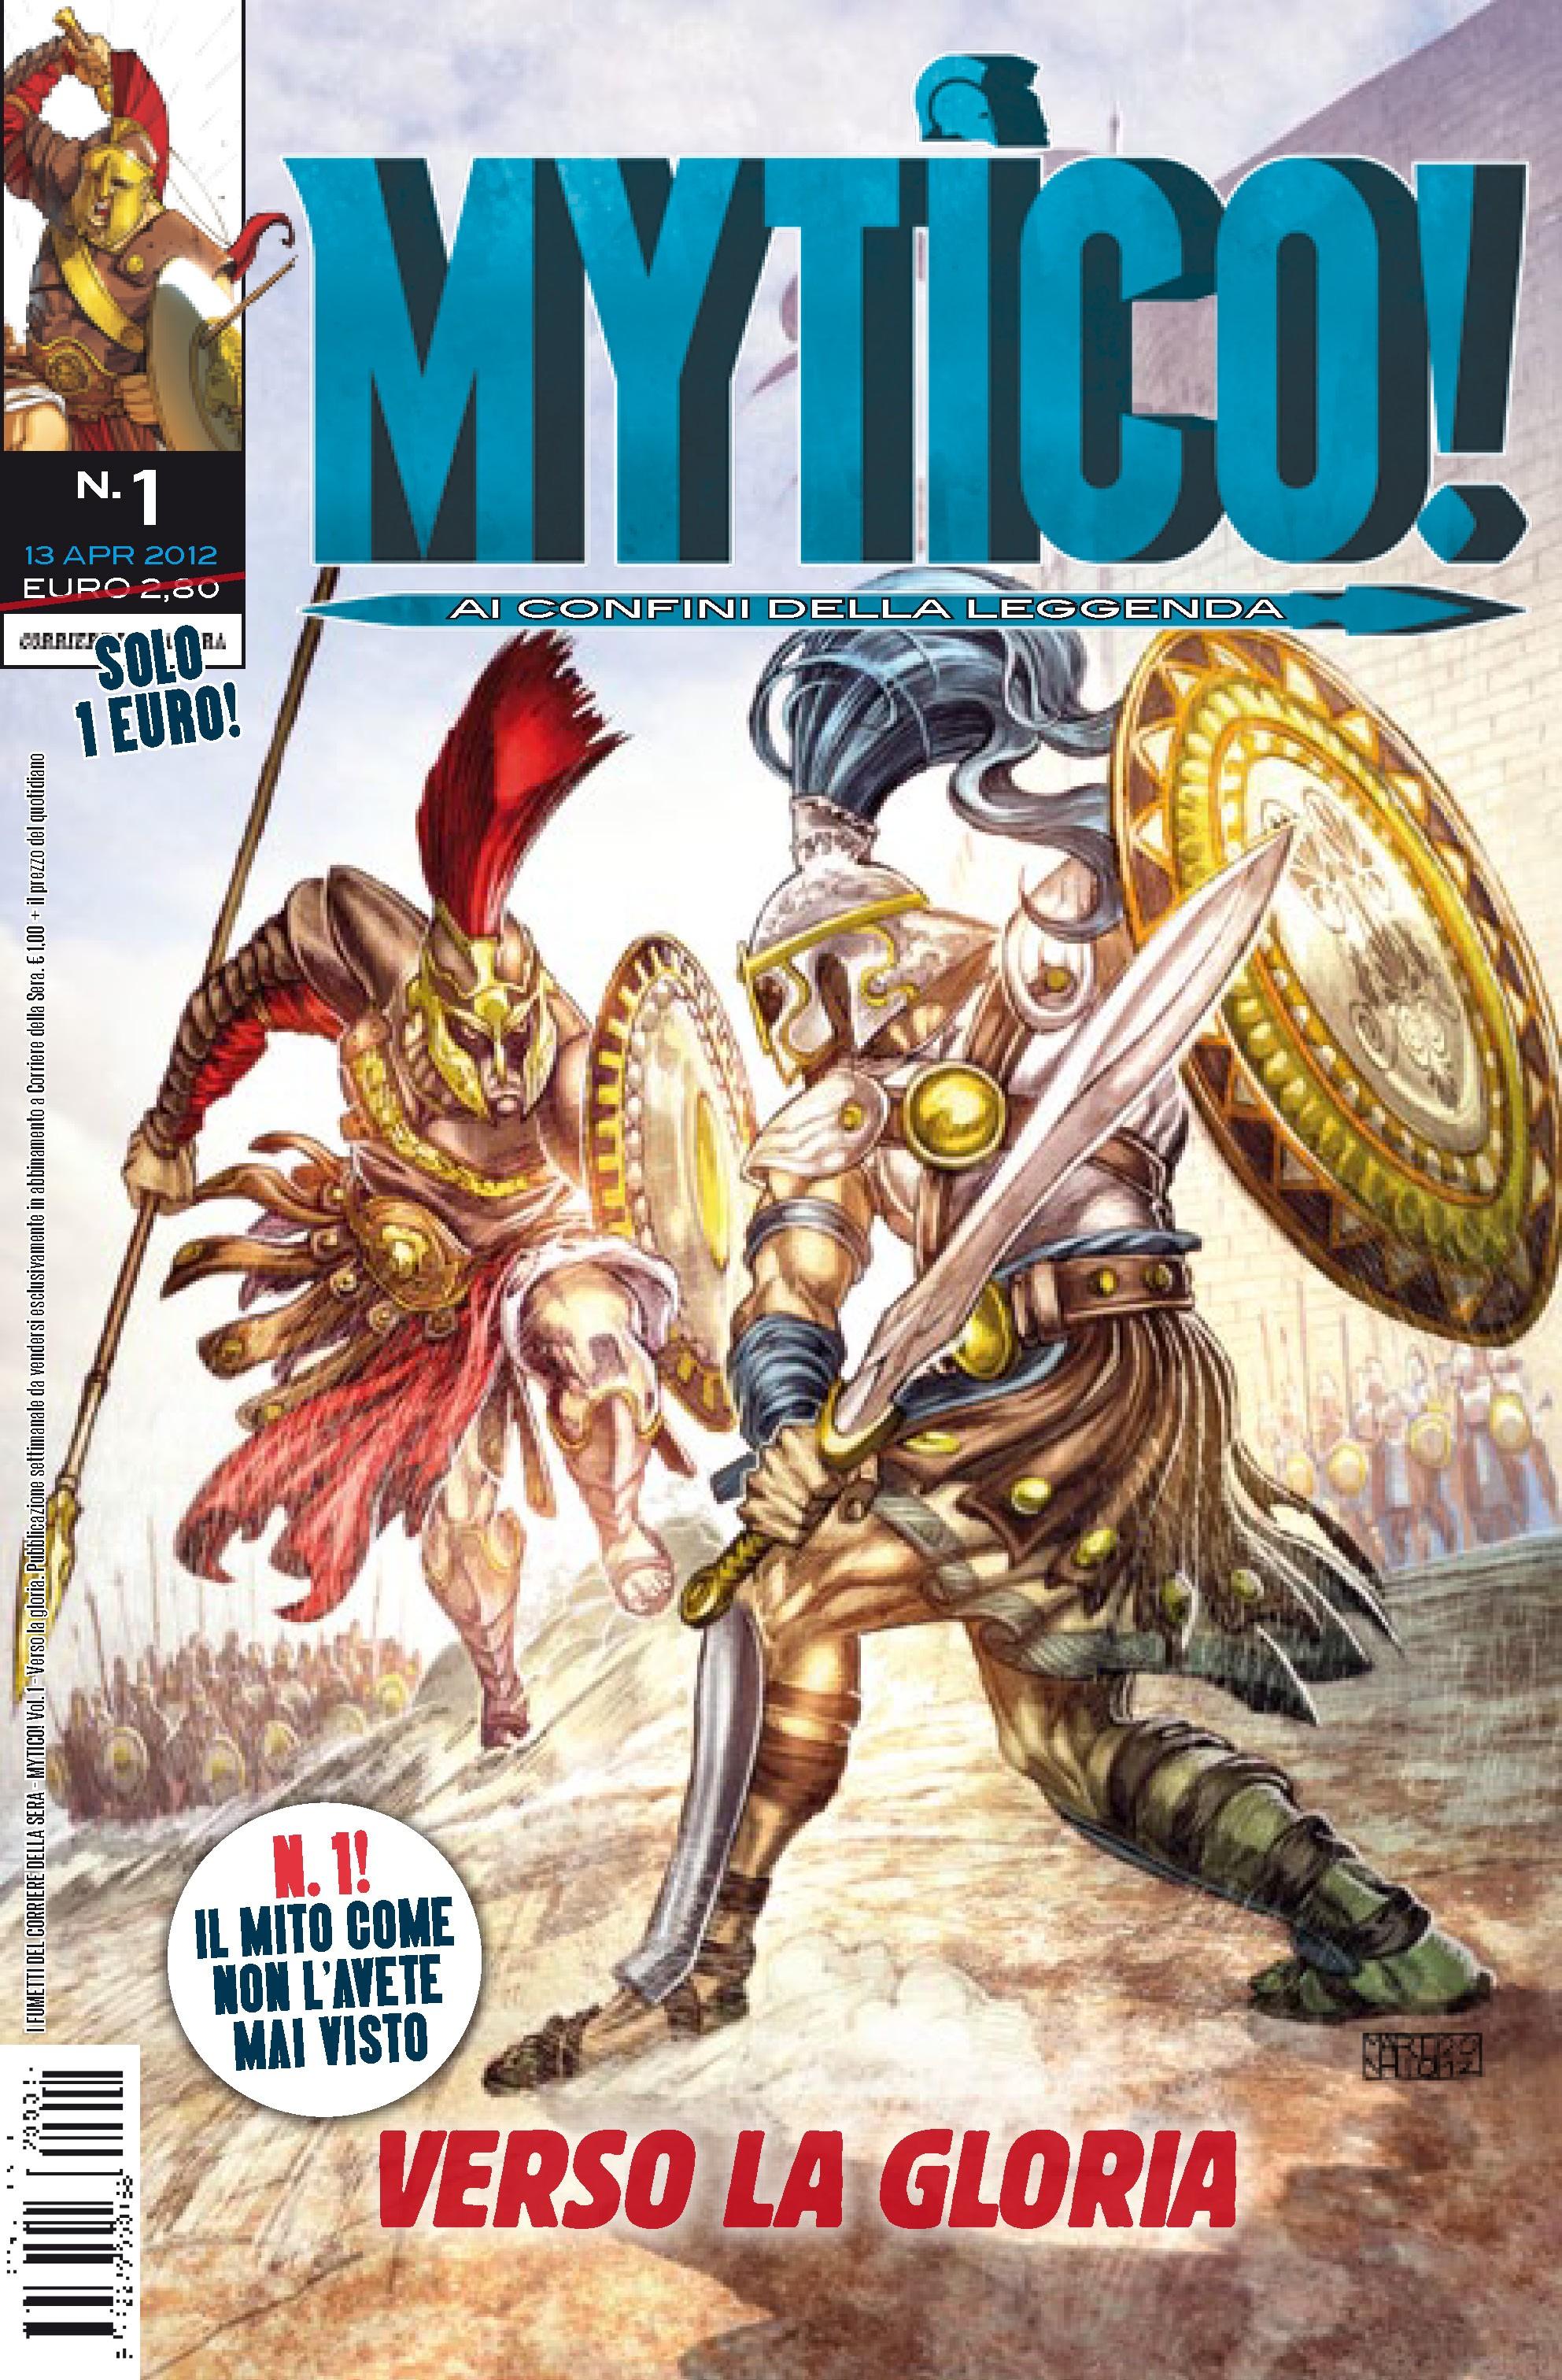 Mytico! vol. 1